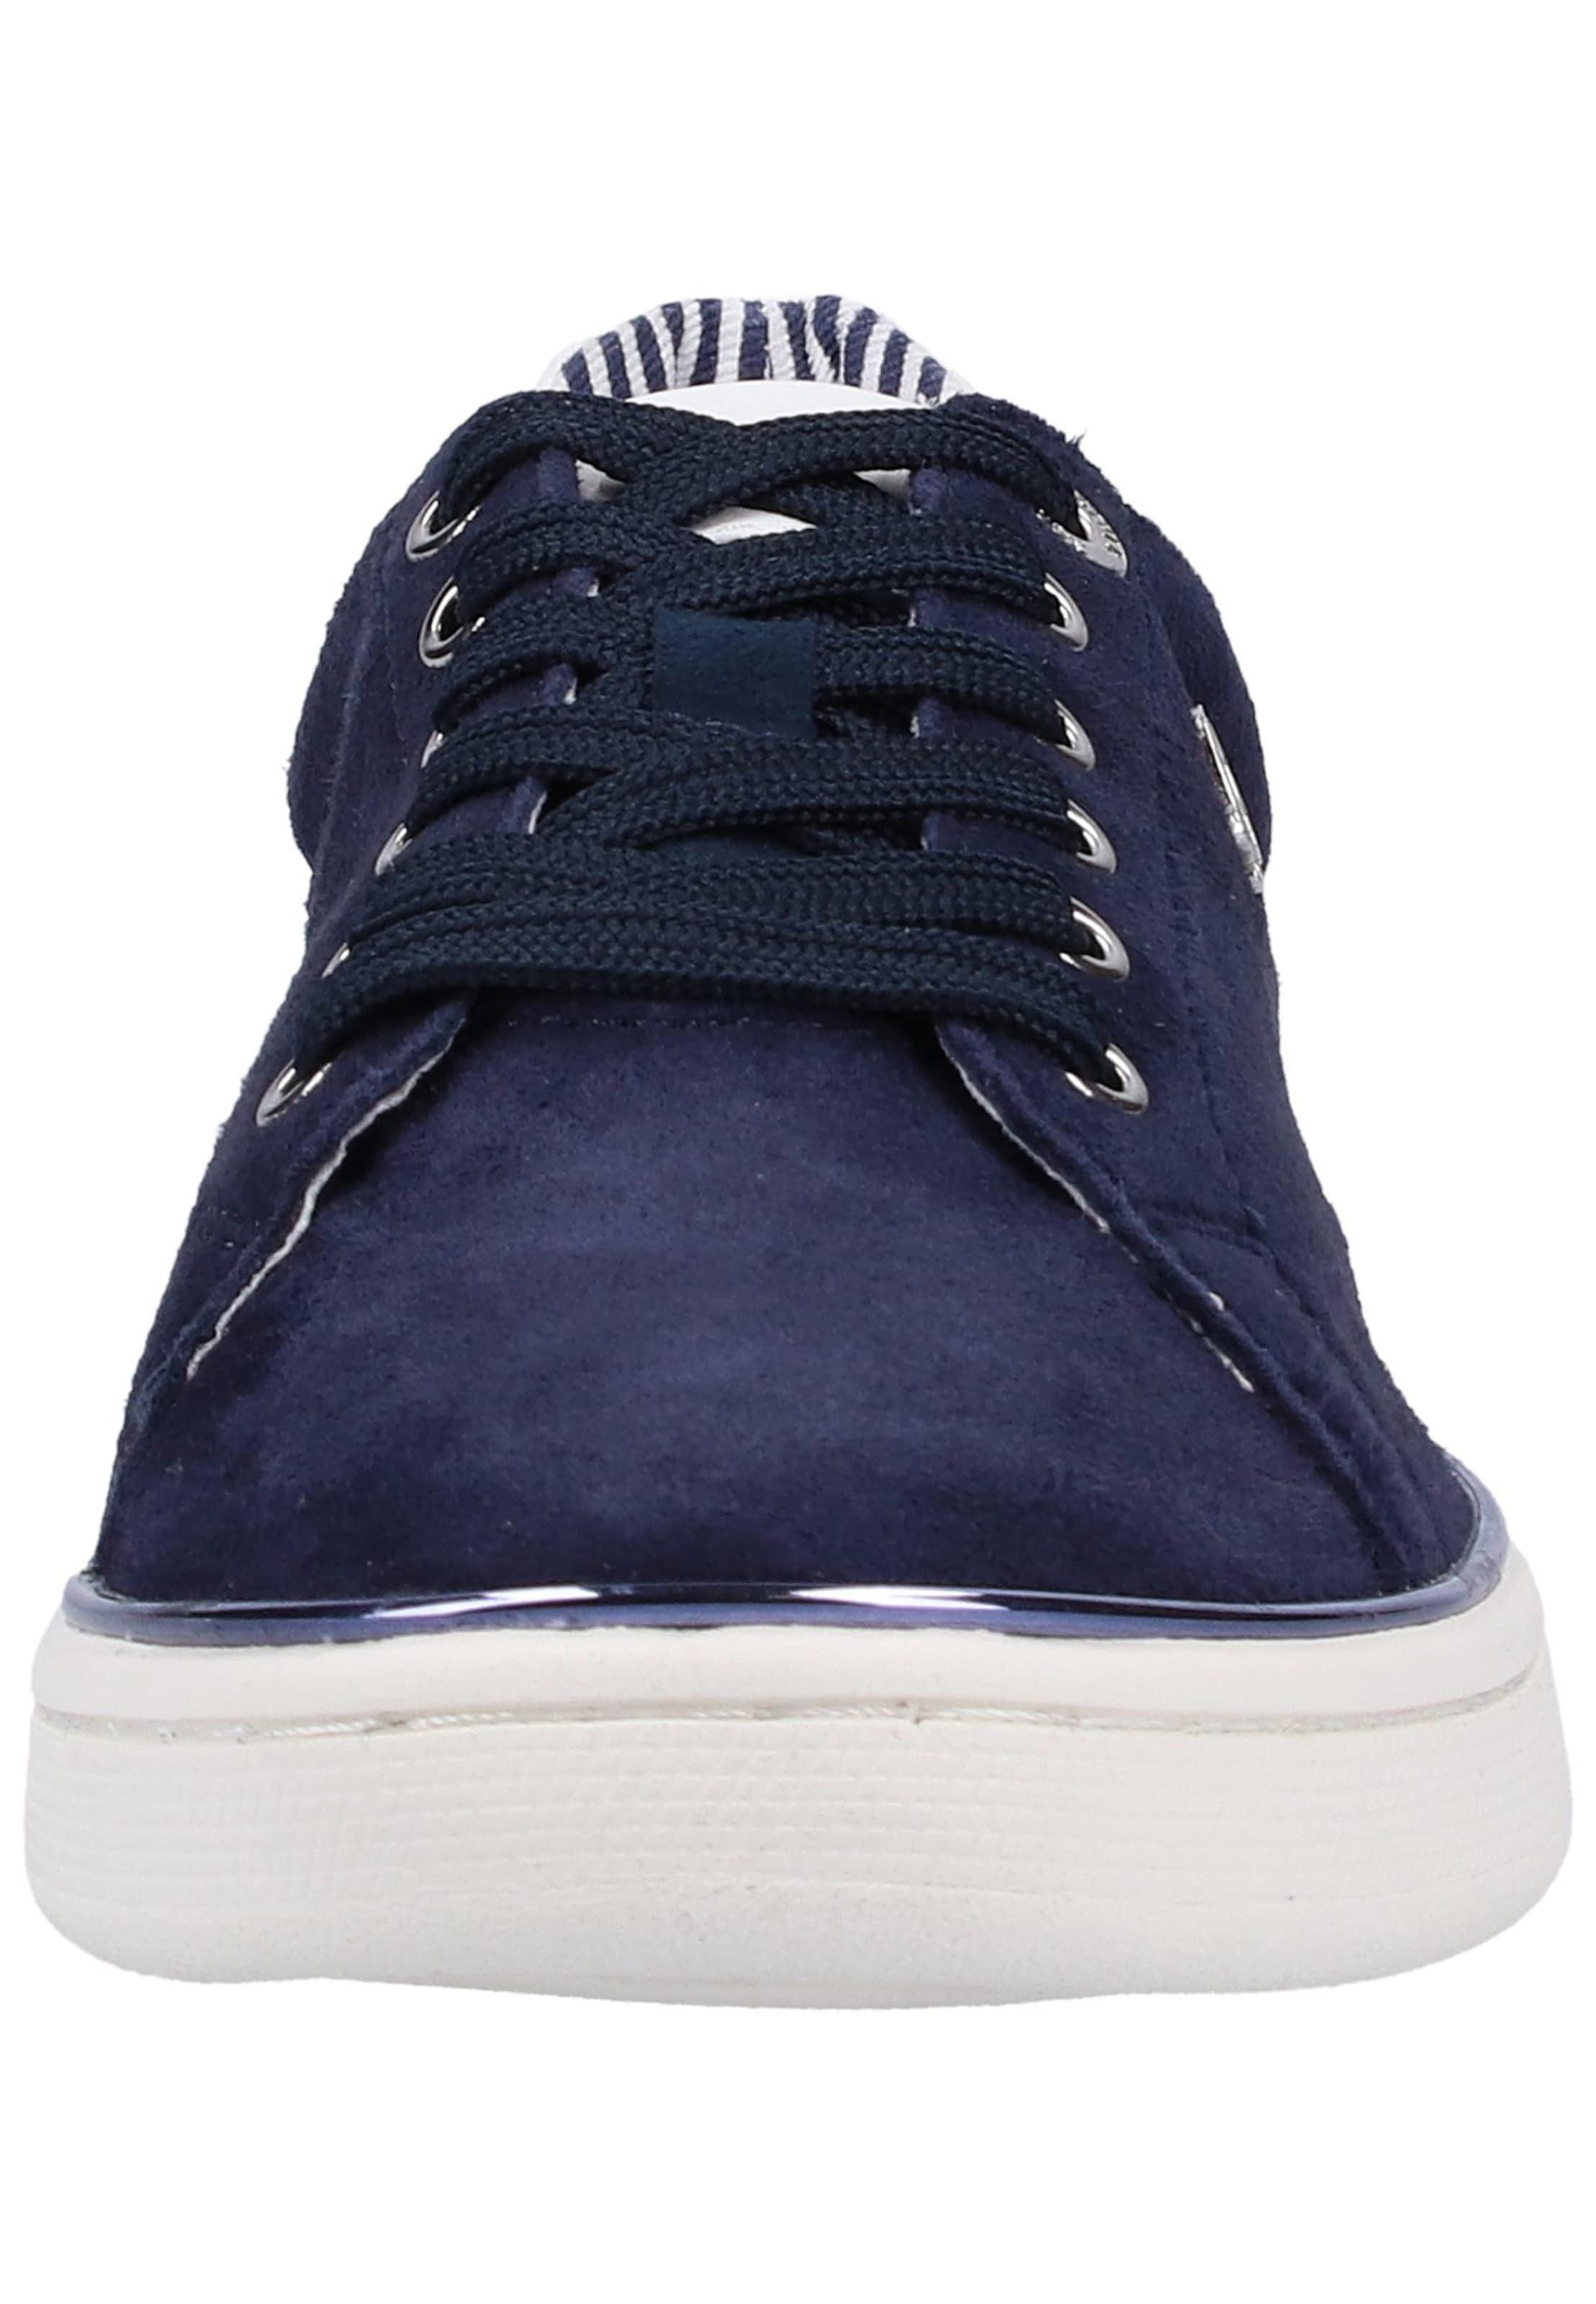 Basses OutremerBlanc Baskets Label Black S oliver En Bleu y0vnNm8wO